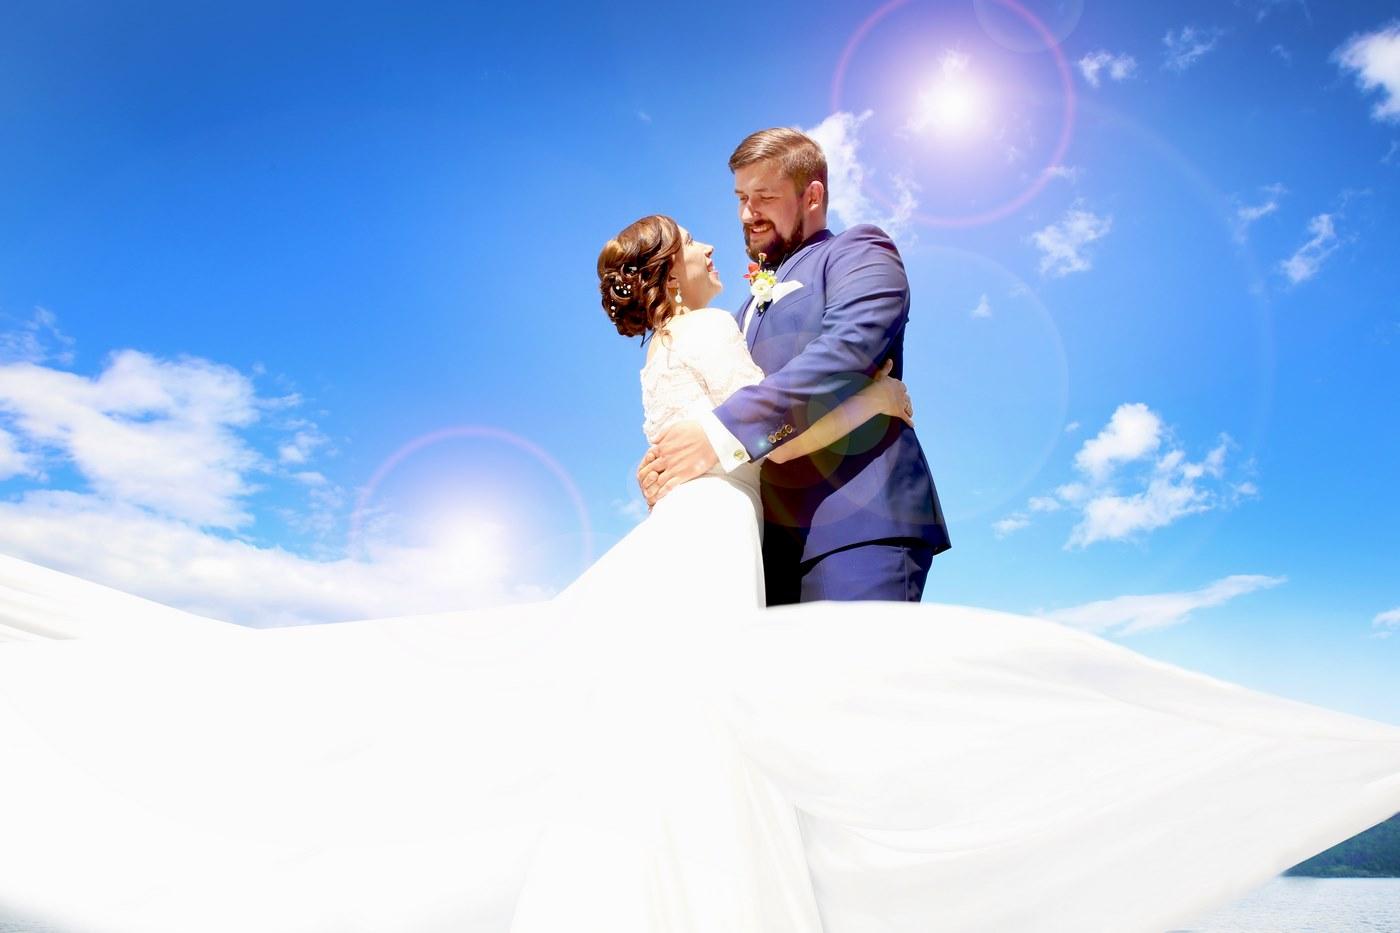 Brautpaar vor strahlend blauen Himmel